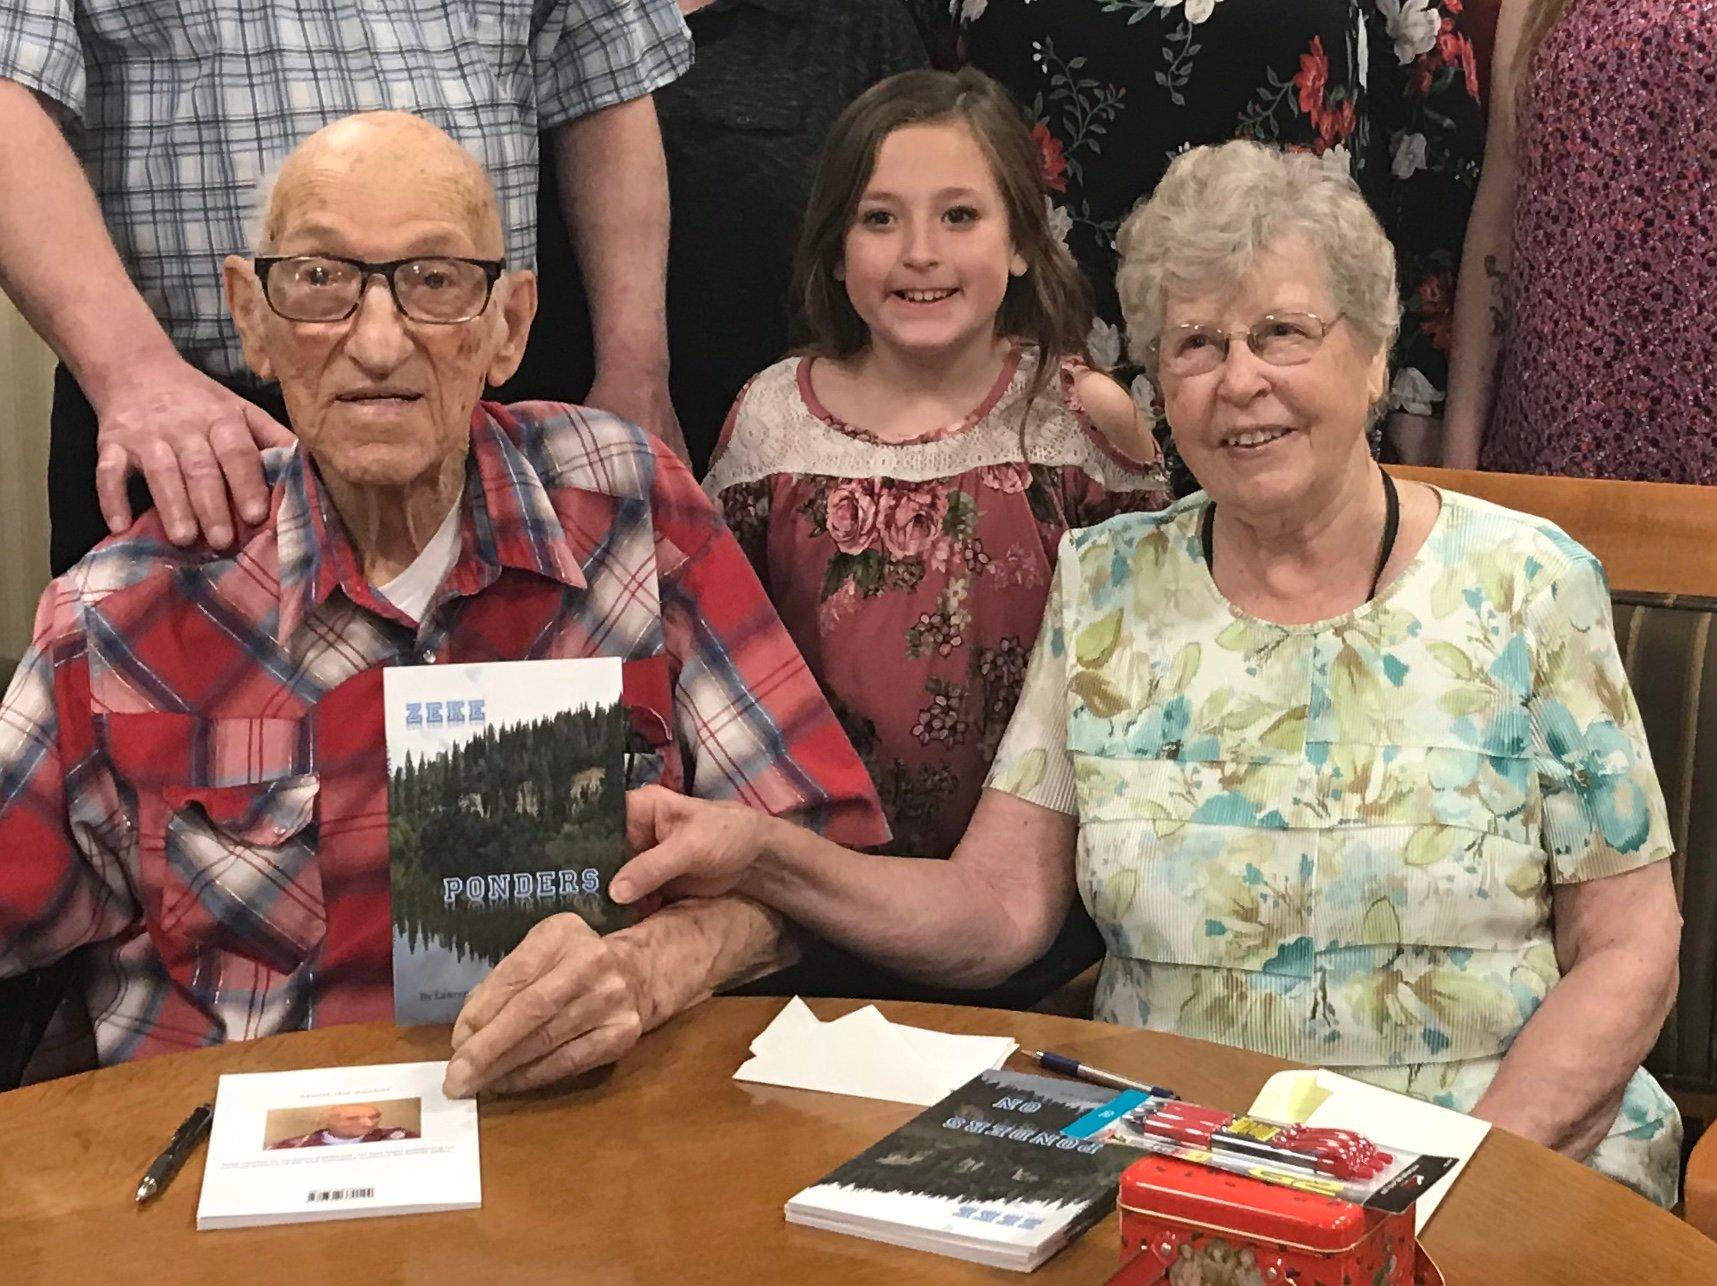 Zeke book signing